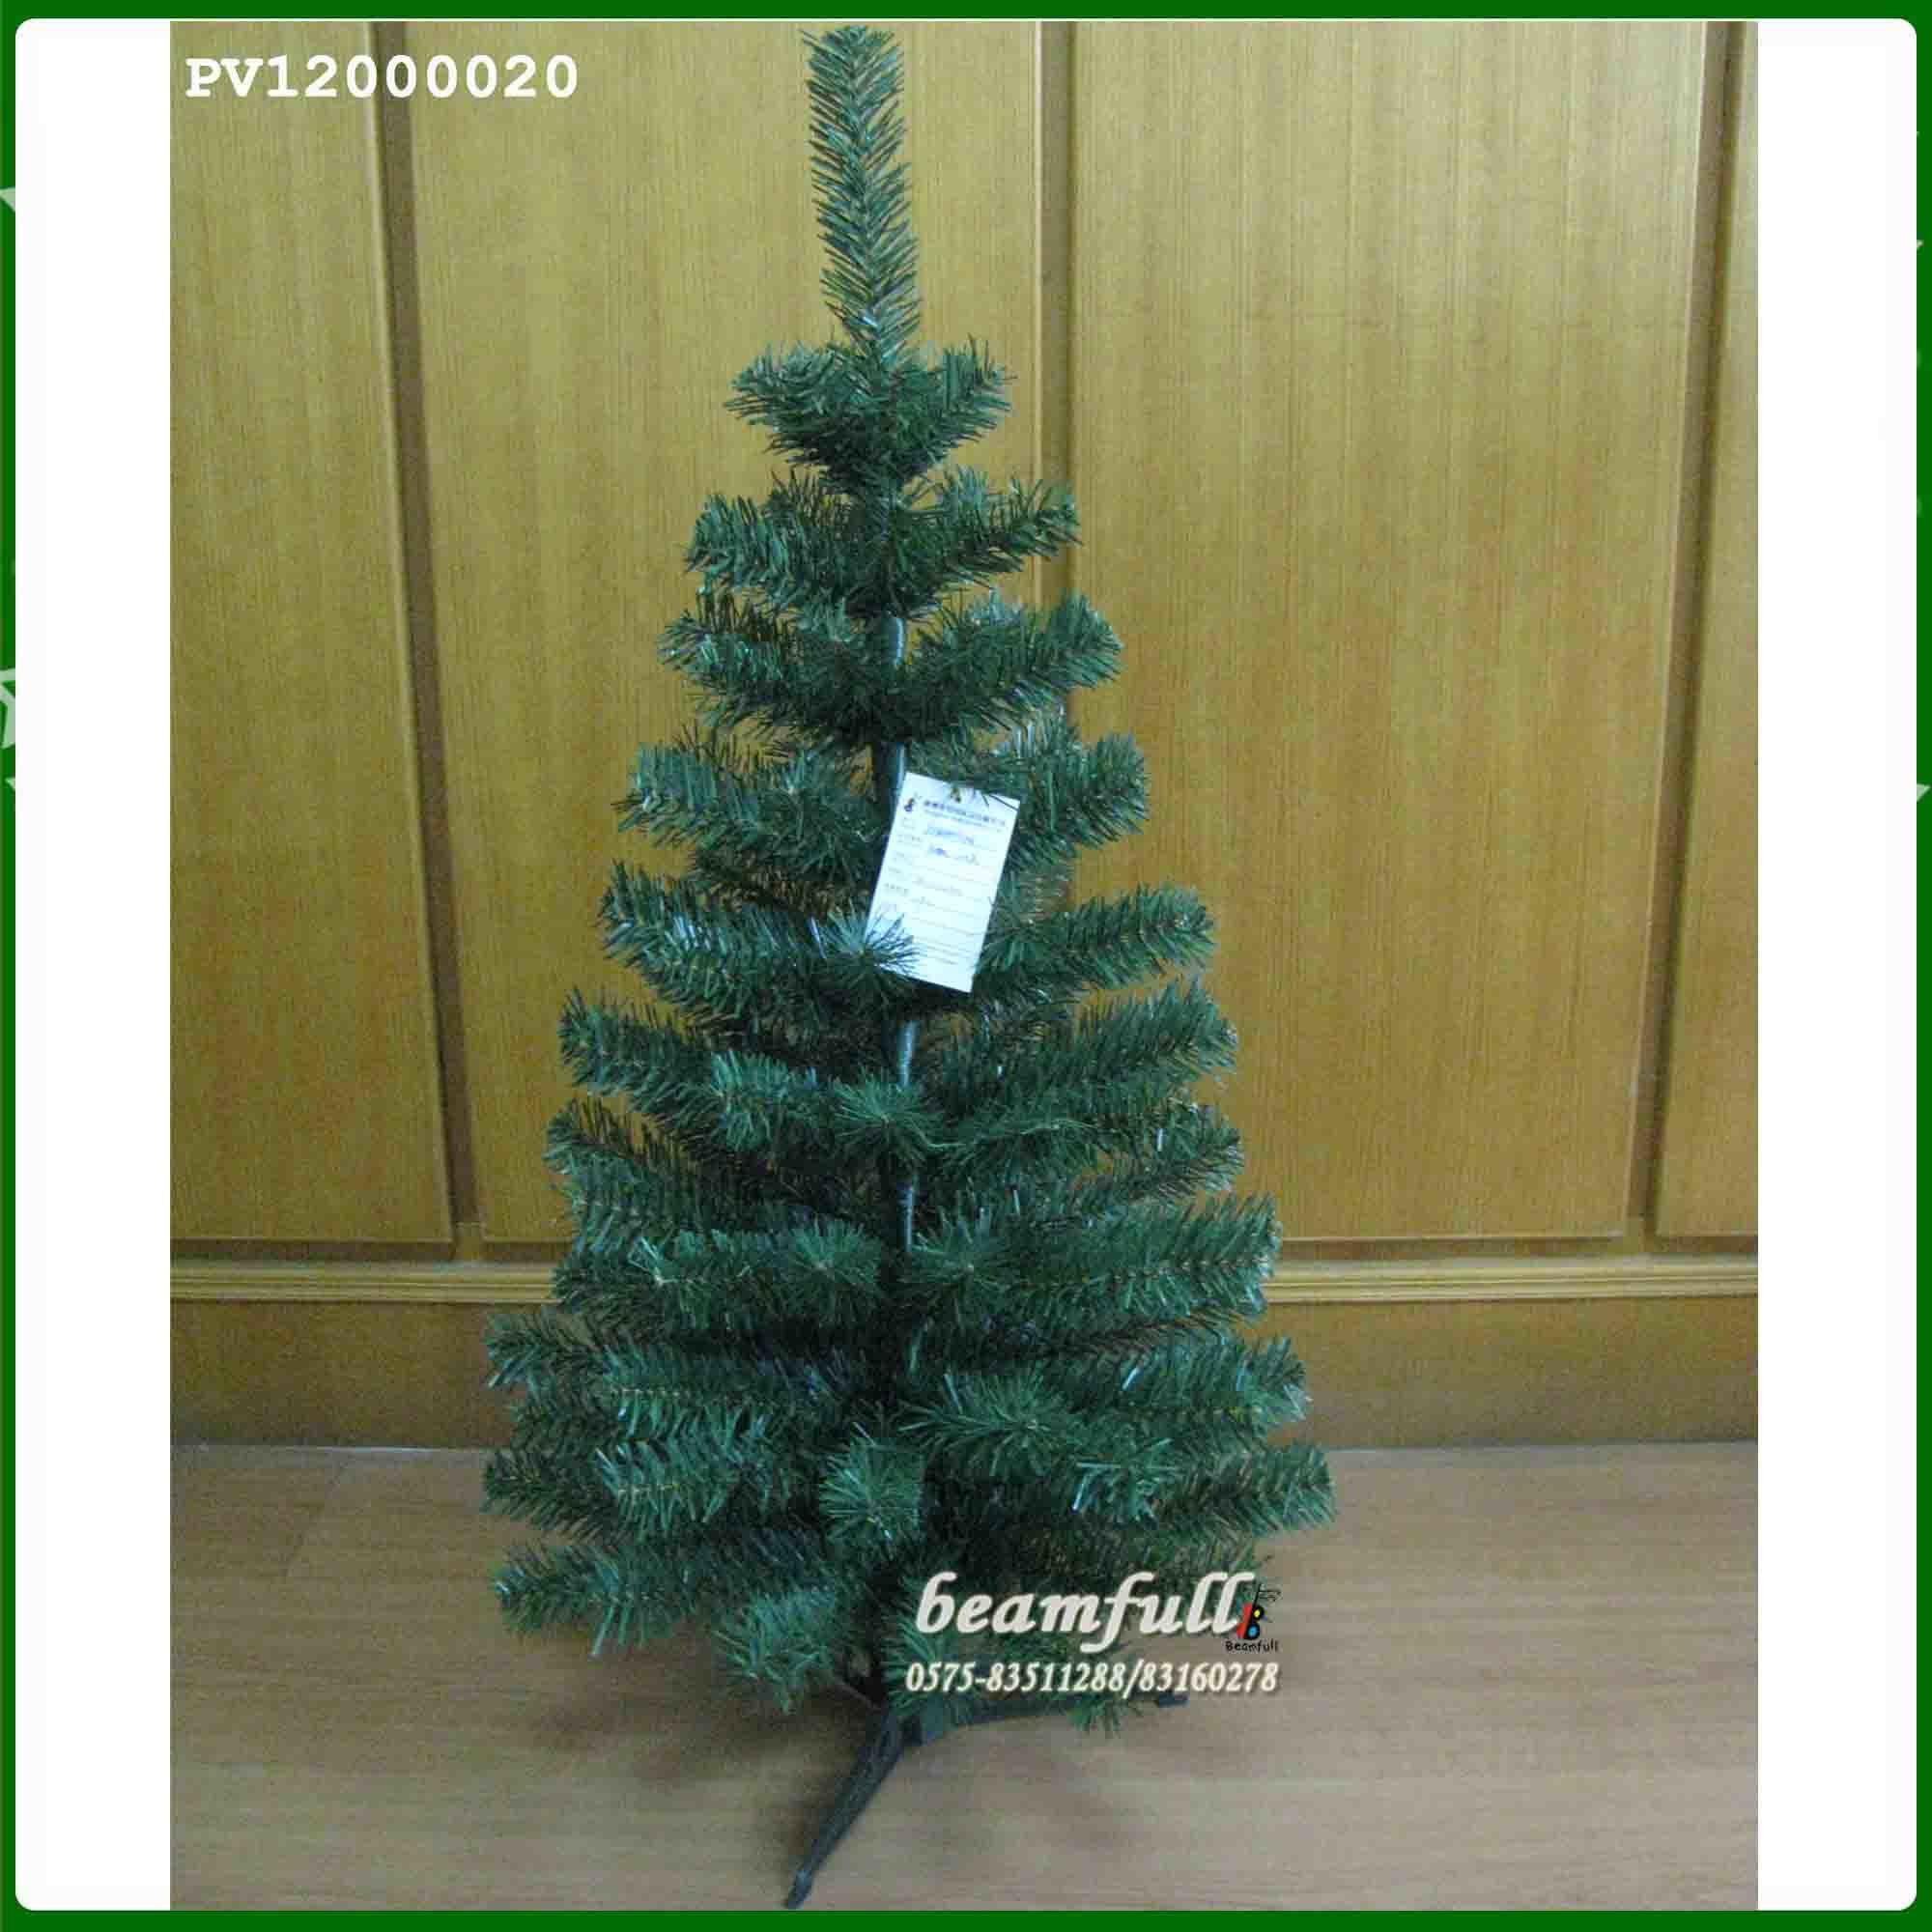 Rbol de navidad artificial pv12000020 rbol de - Arbol artificial de navidad ...